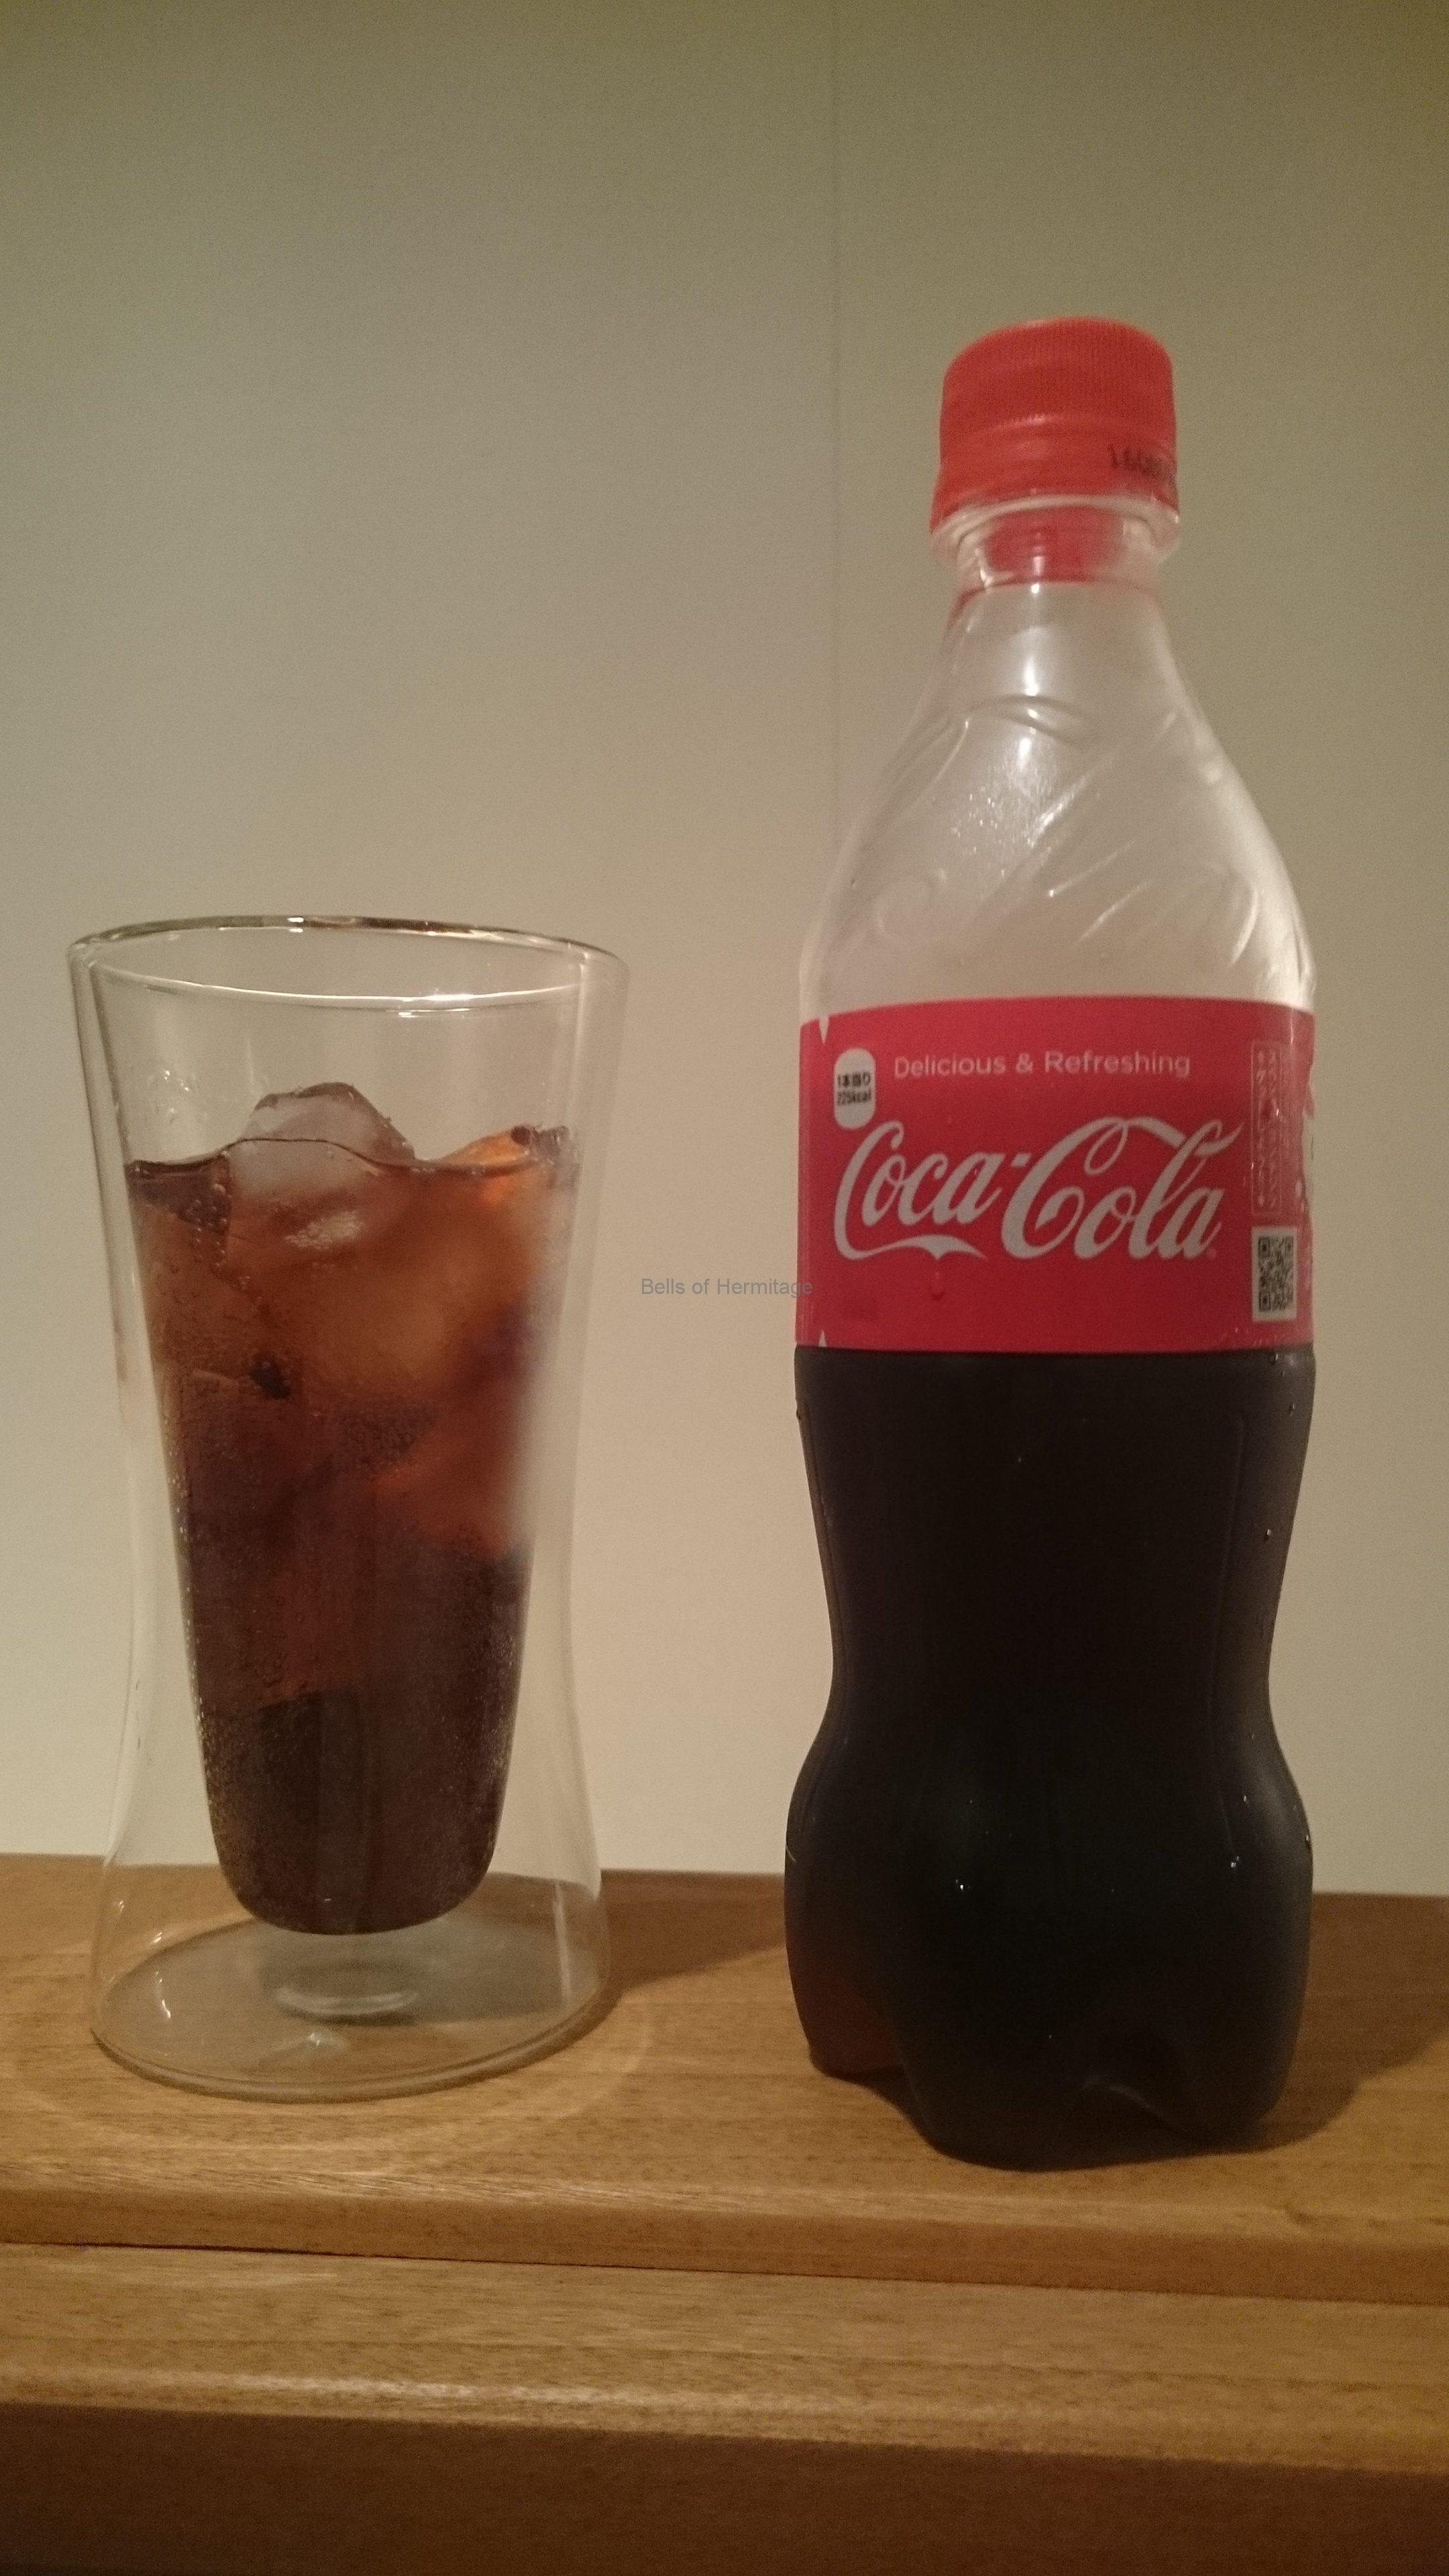 愛用の品、コカ・コーラとWerner Meister耐熱二重ガラスタンブラー